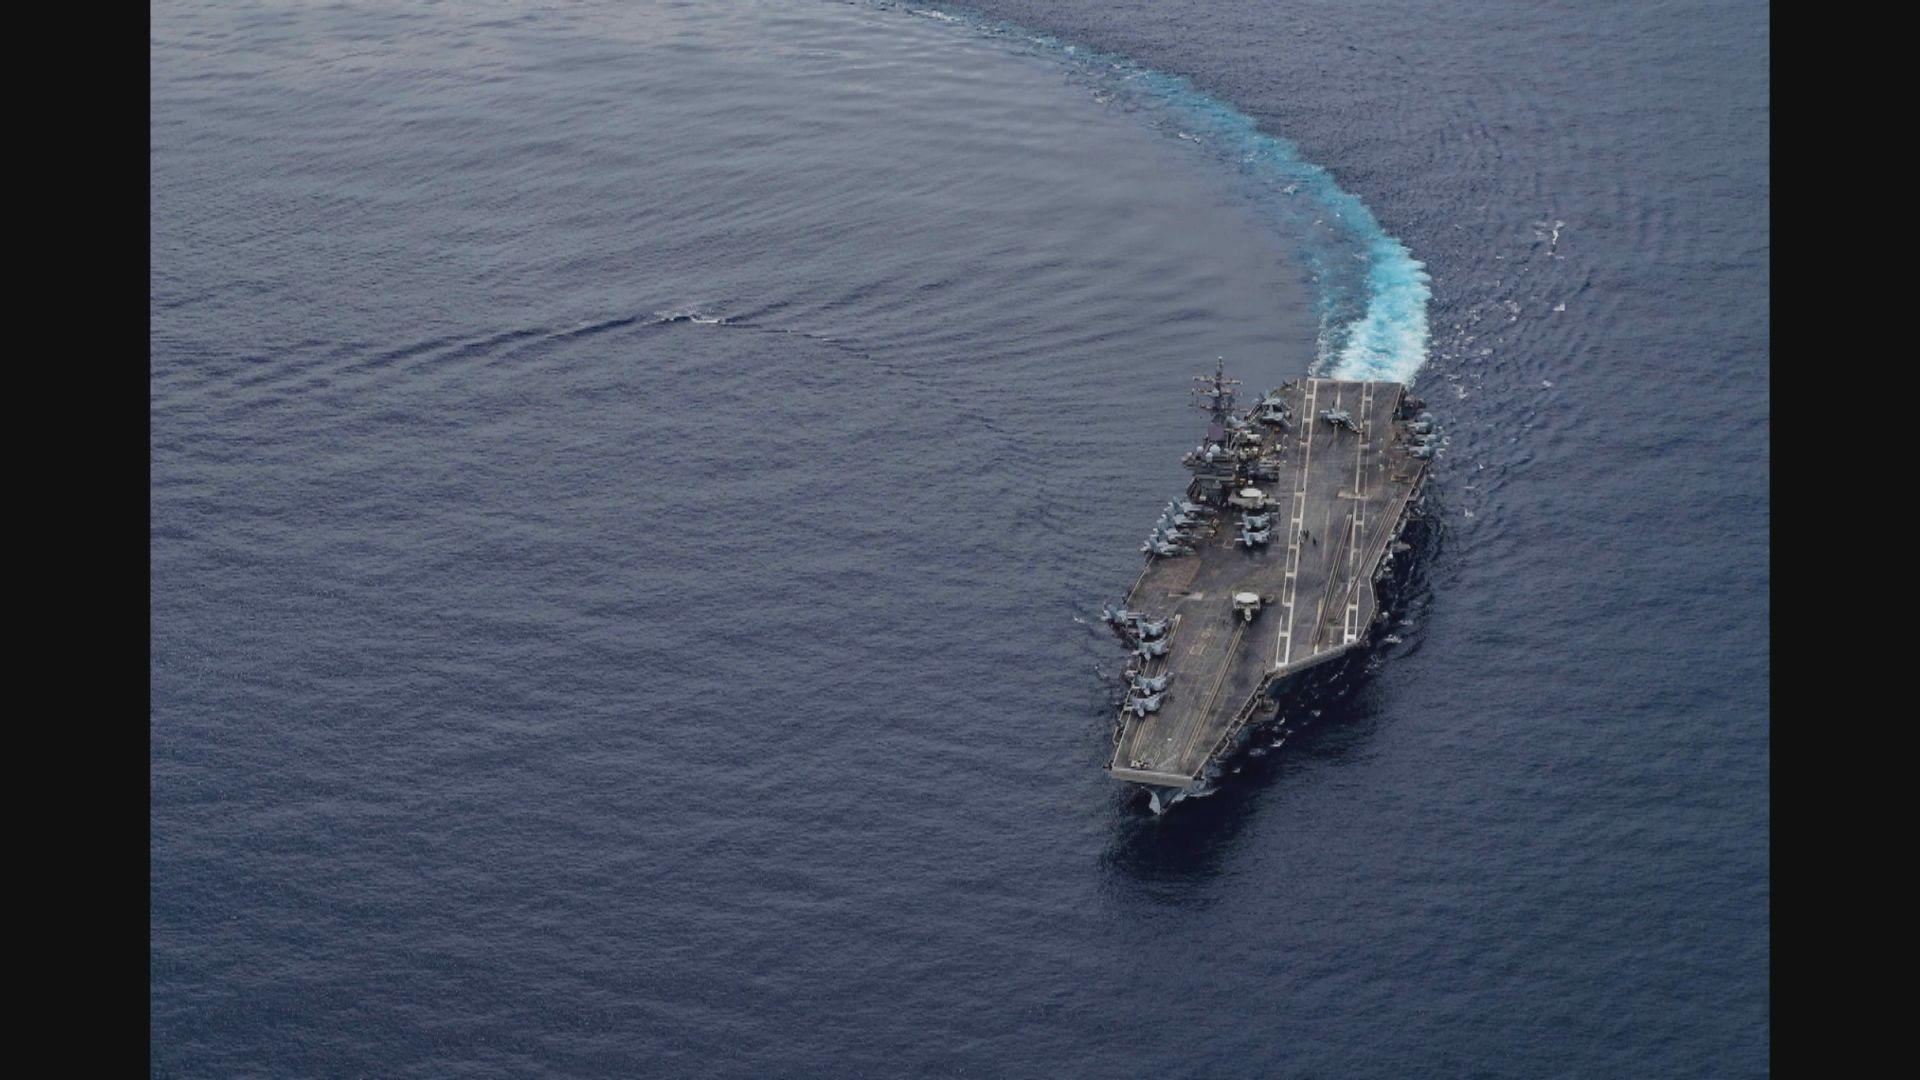 外交部斥美軍雙航母演習挑撥地區關係